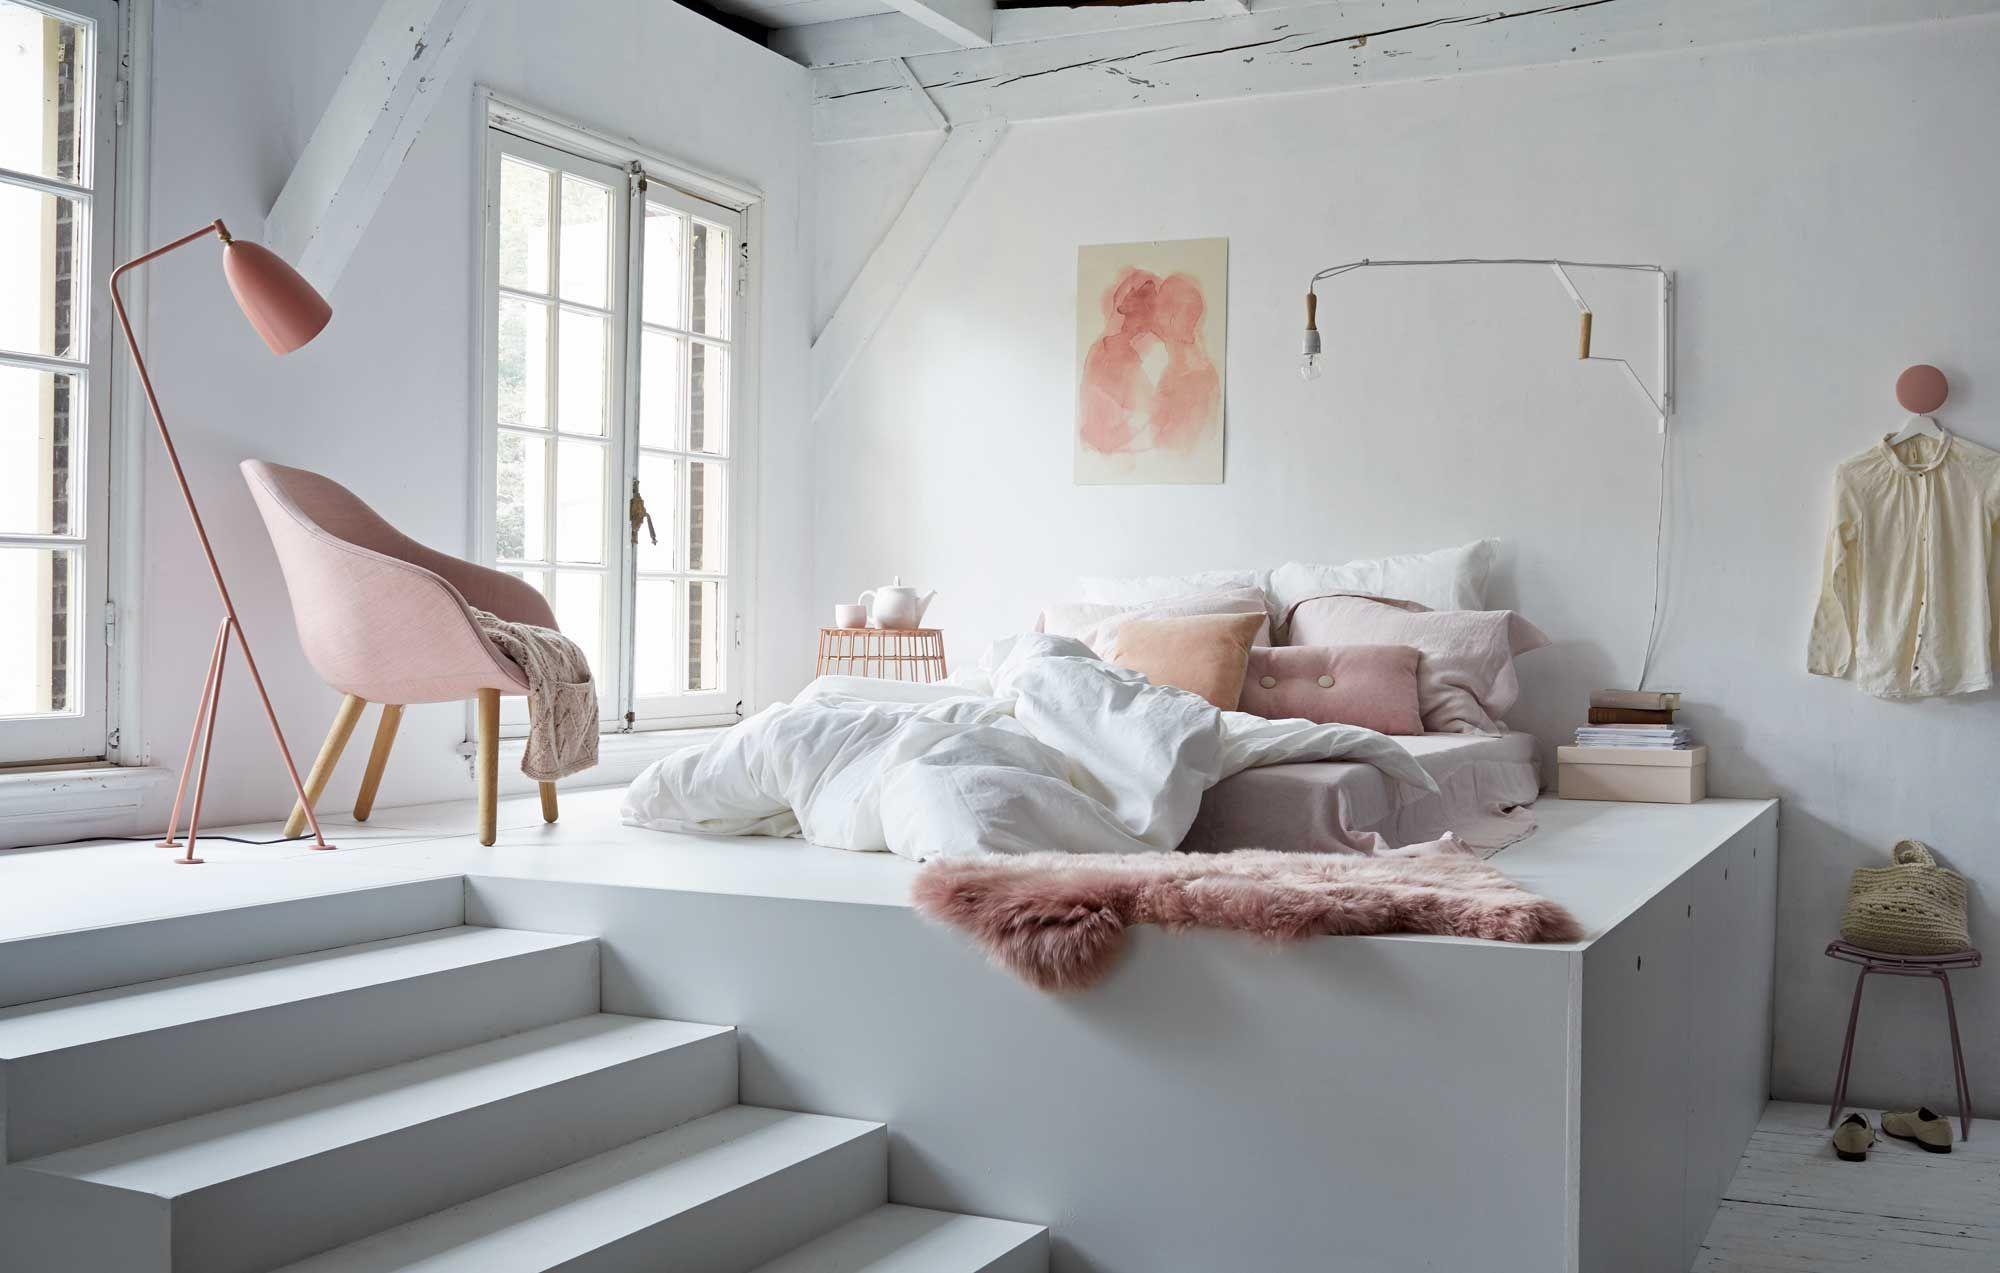 Perfekt Im Schlafzimmer Ein Podest. #KOLORAT #Wohnideen #Möbel #Interior #Farbe # Schlafzimmer #Wandfarbe #Farbe #color #Pastell